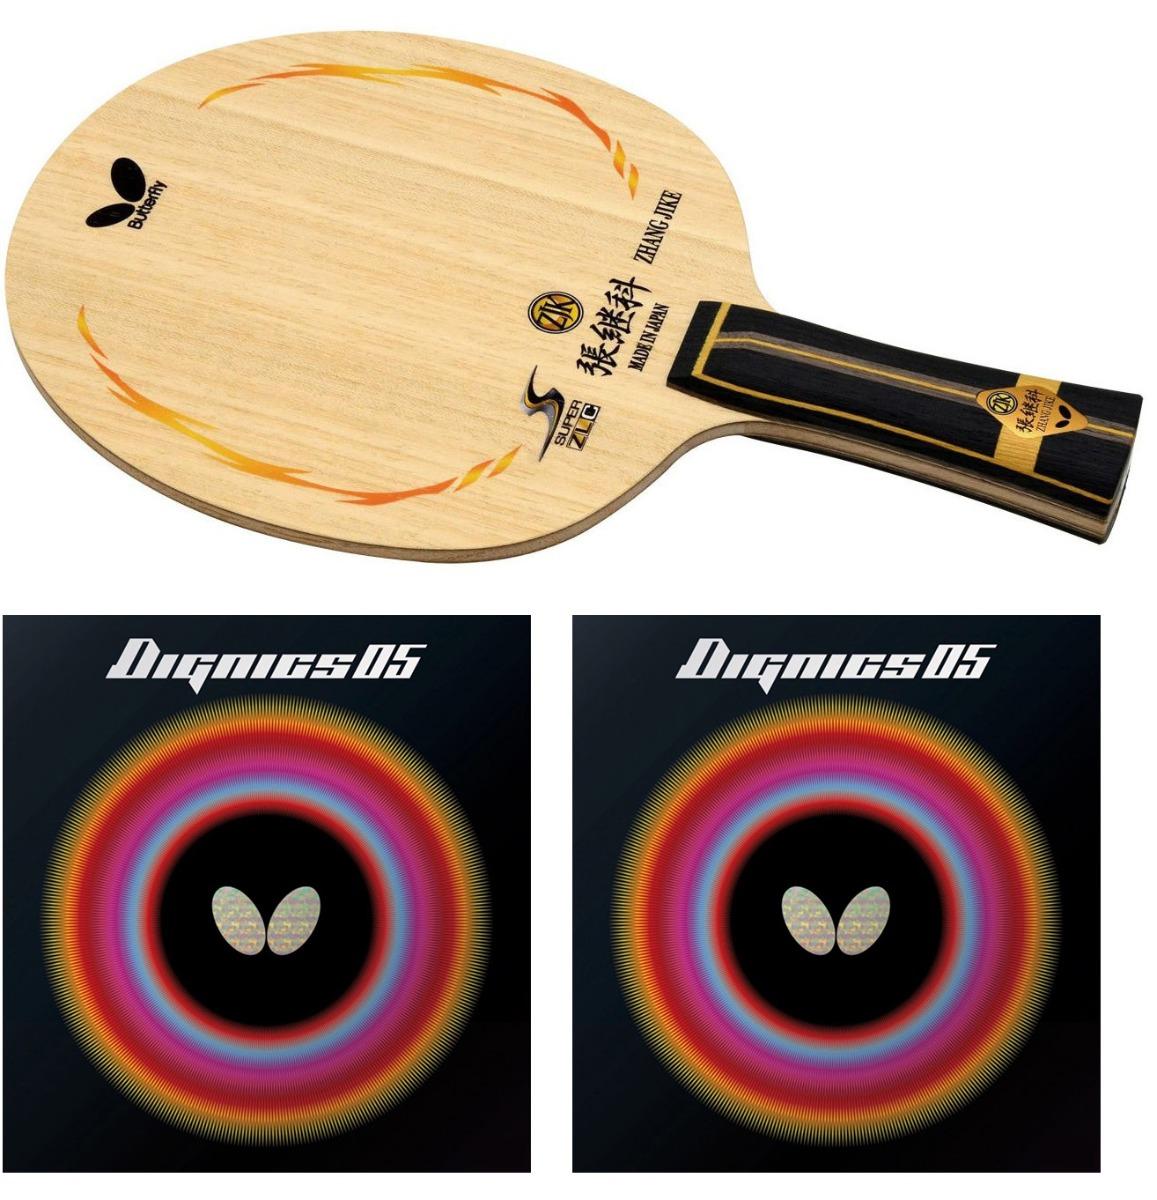 Butterfly Zhang Jike Super ZLC + Dignics 05